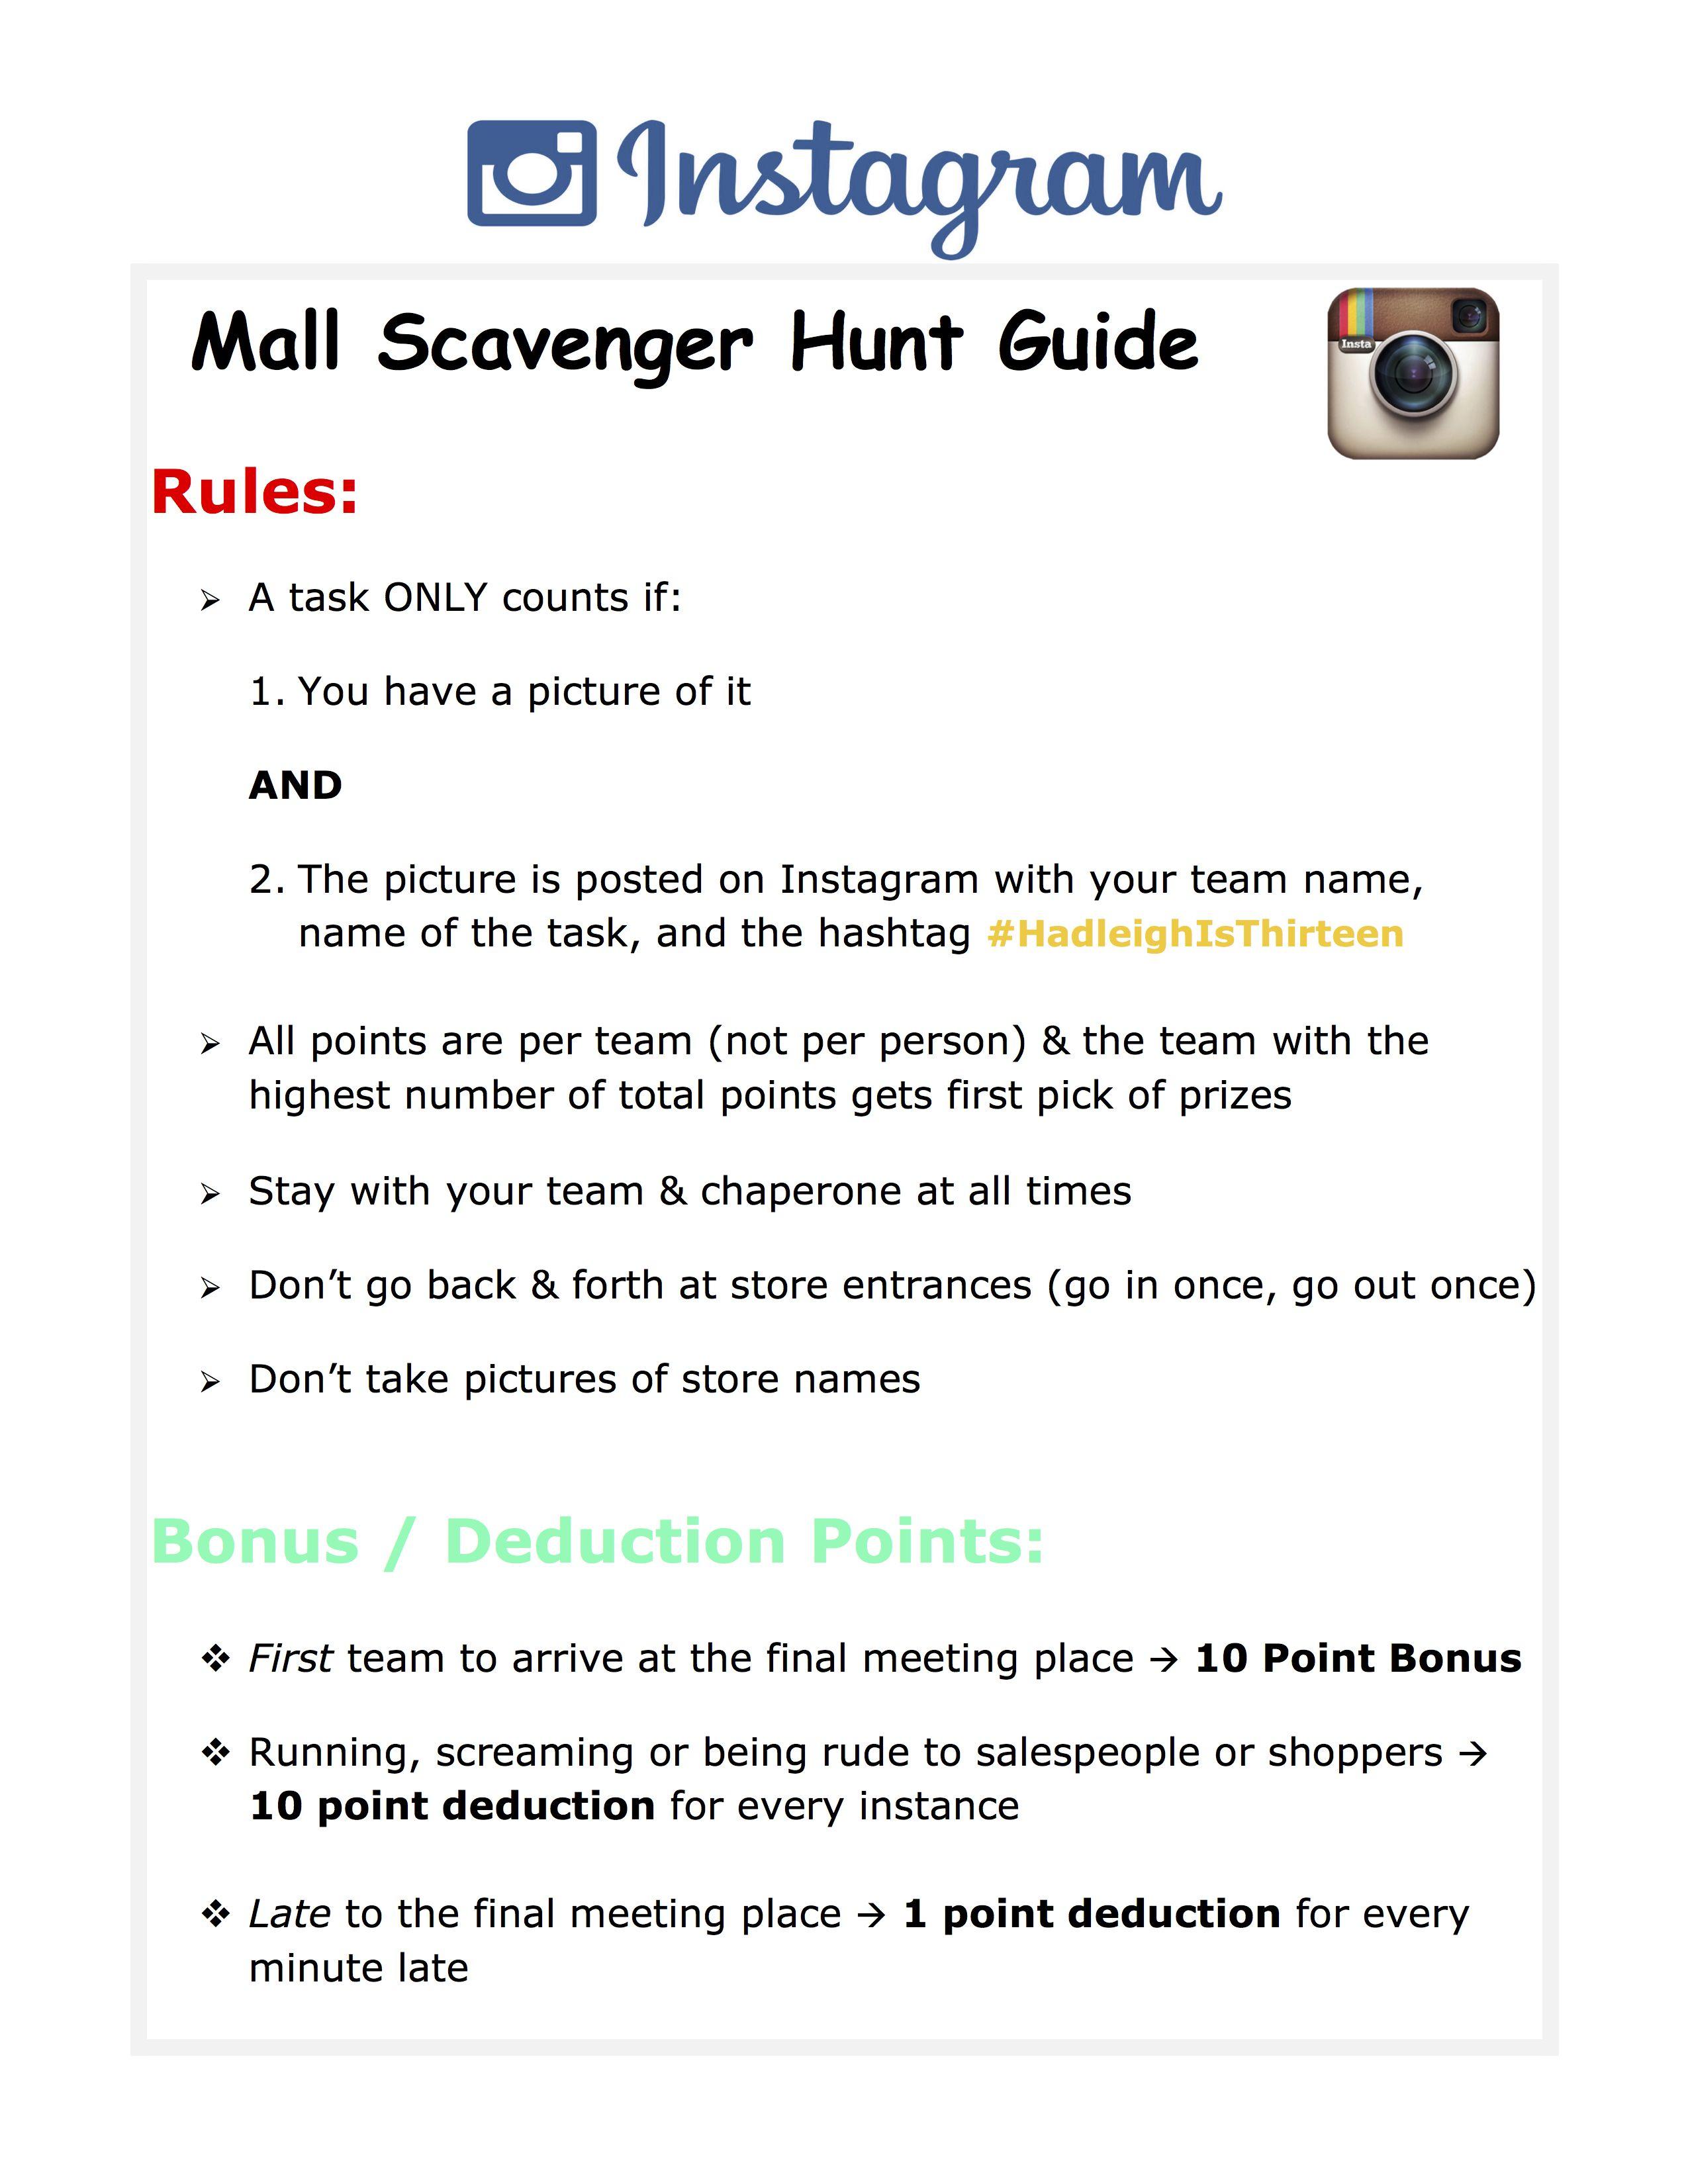 Mall Scavenger Hunt Guide Rules scavengerhunt